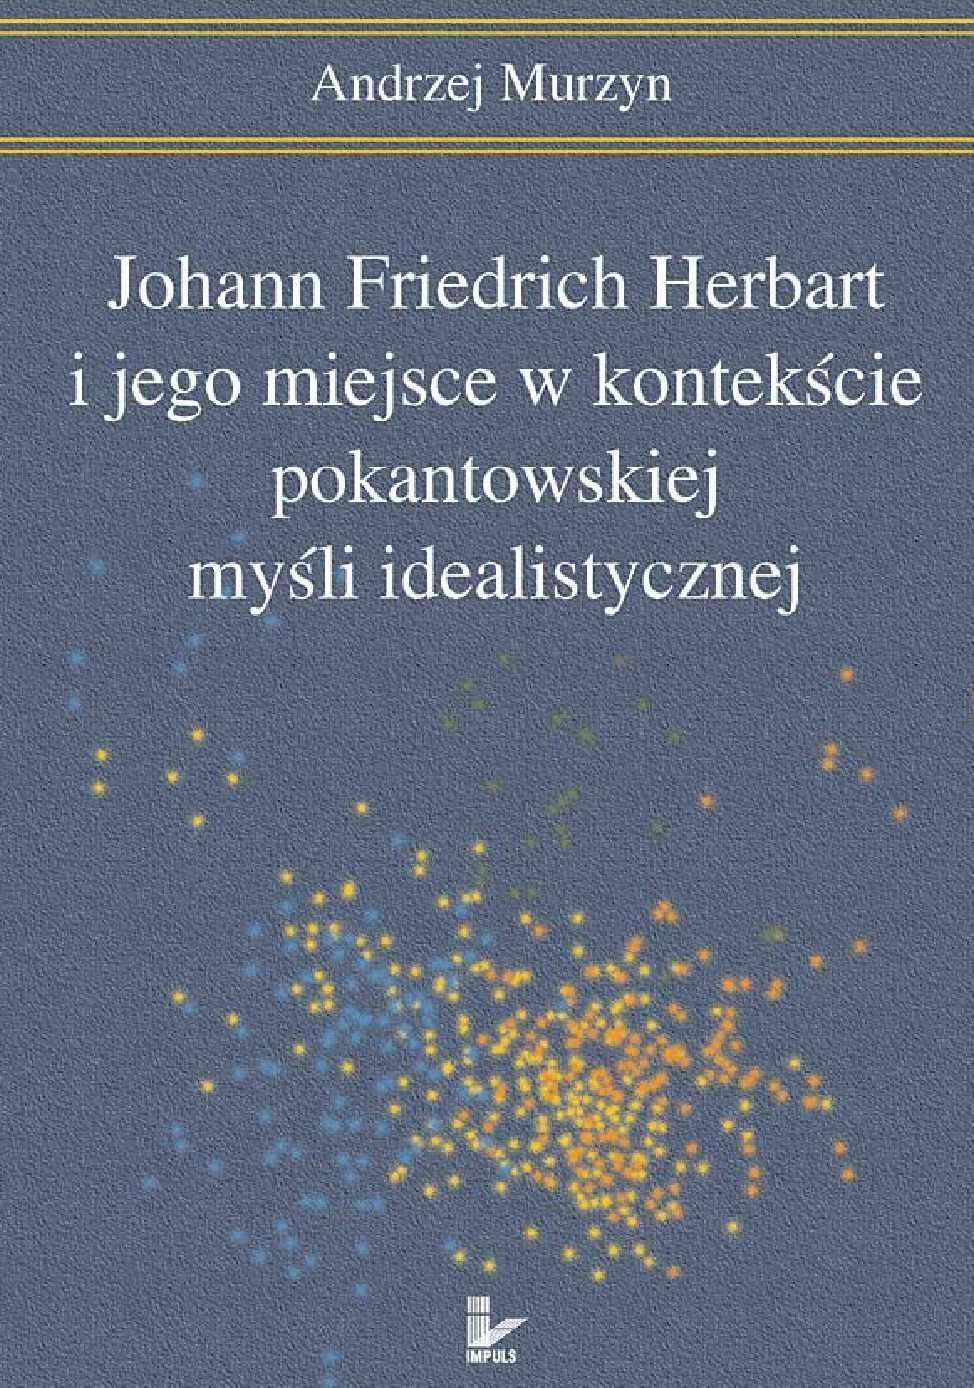 Johann Friedrich Herbart i jego miejsce w kontekście pokantowskiej myśli idealistycznej - Ebook (Książka na Kindle) do pobrania w formacie MOBI